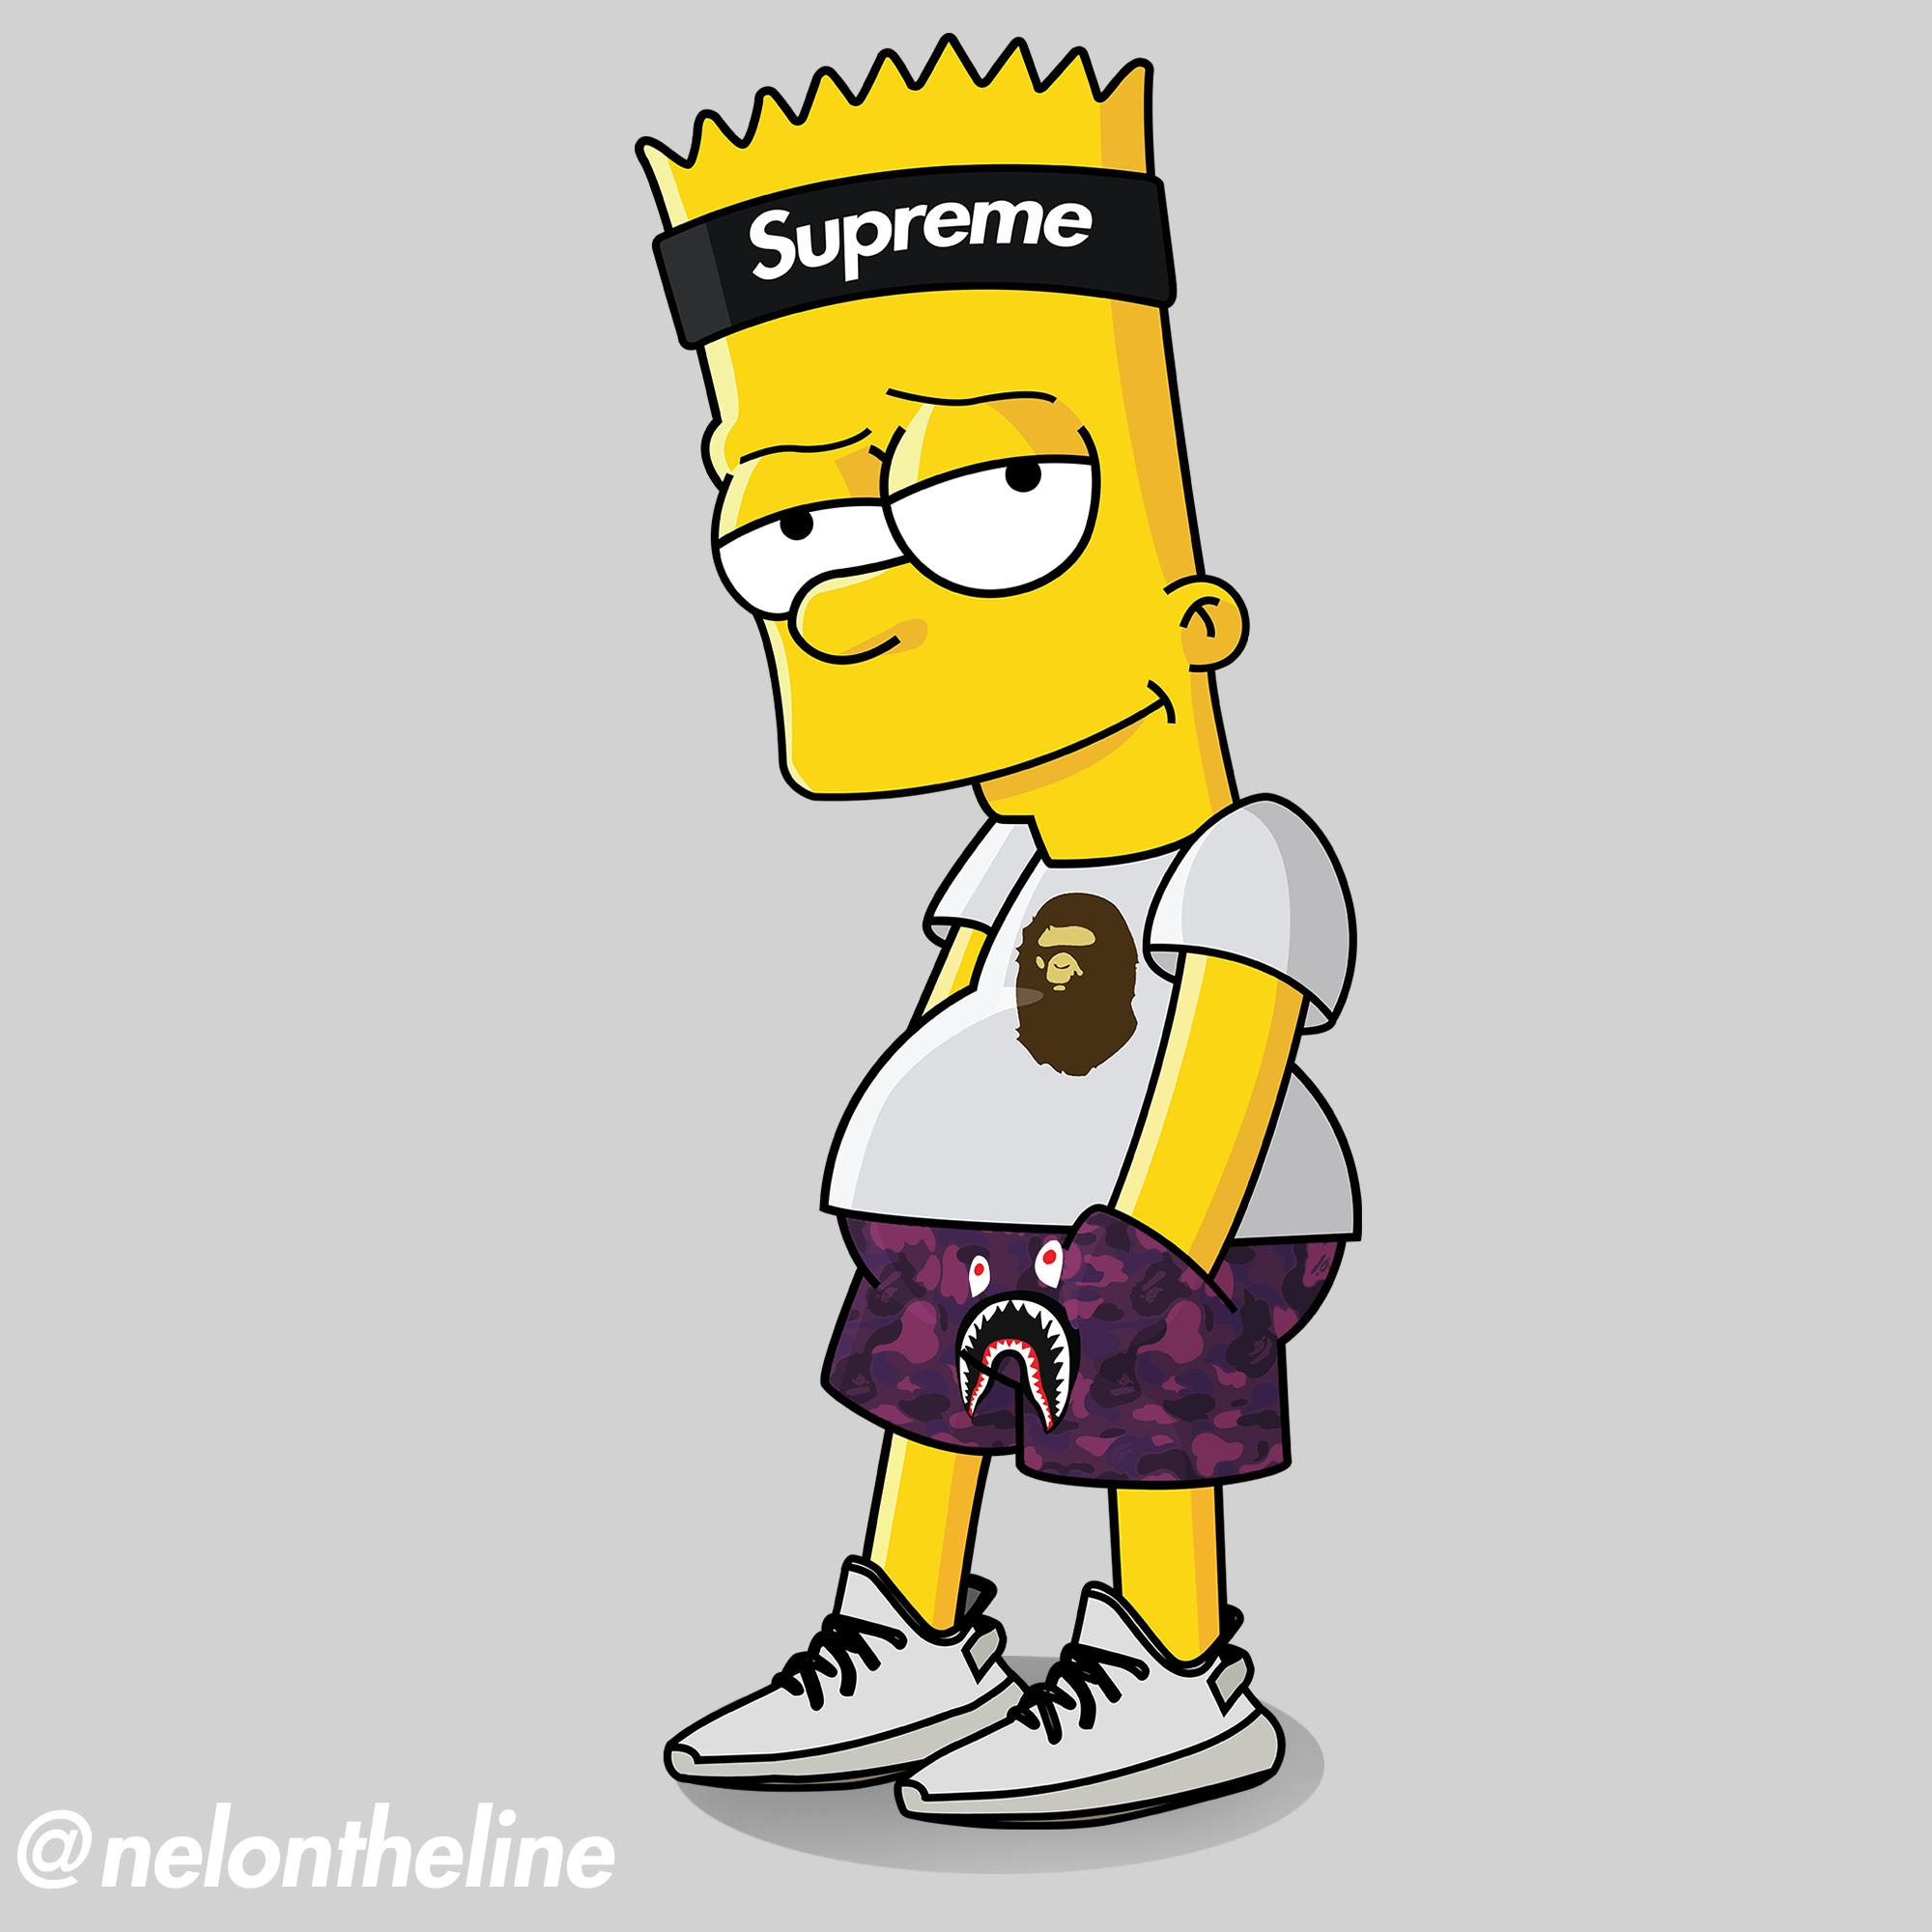 Bart Simpson Hypebeasted #supreme #bape #yeezyboost